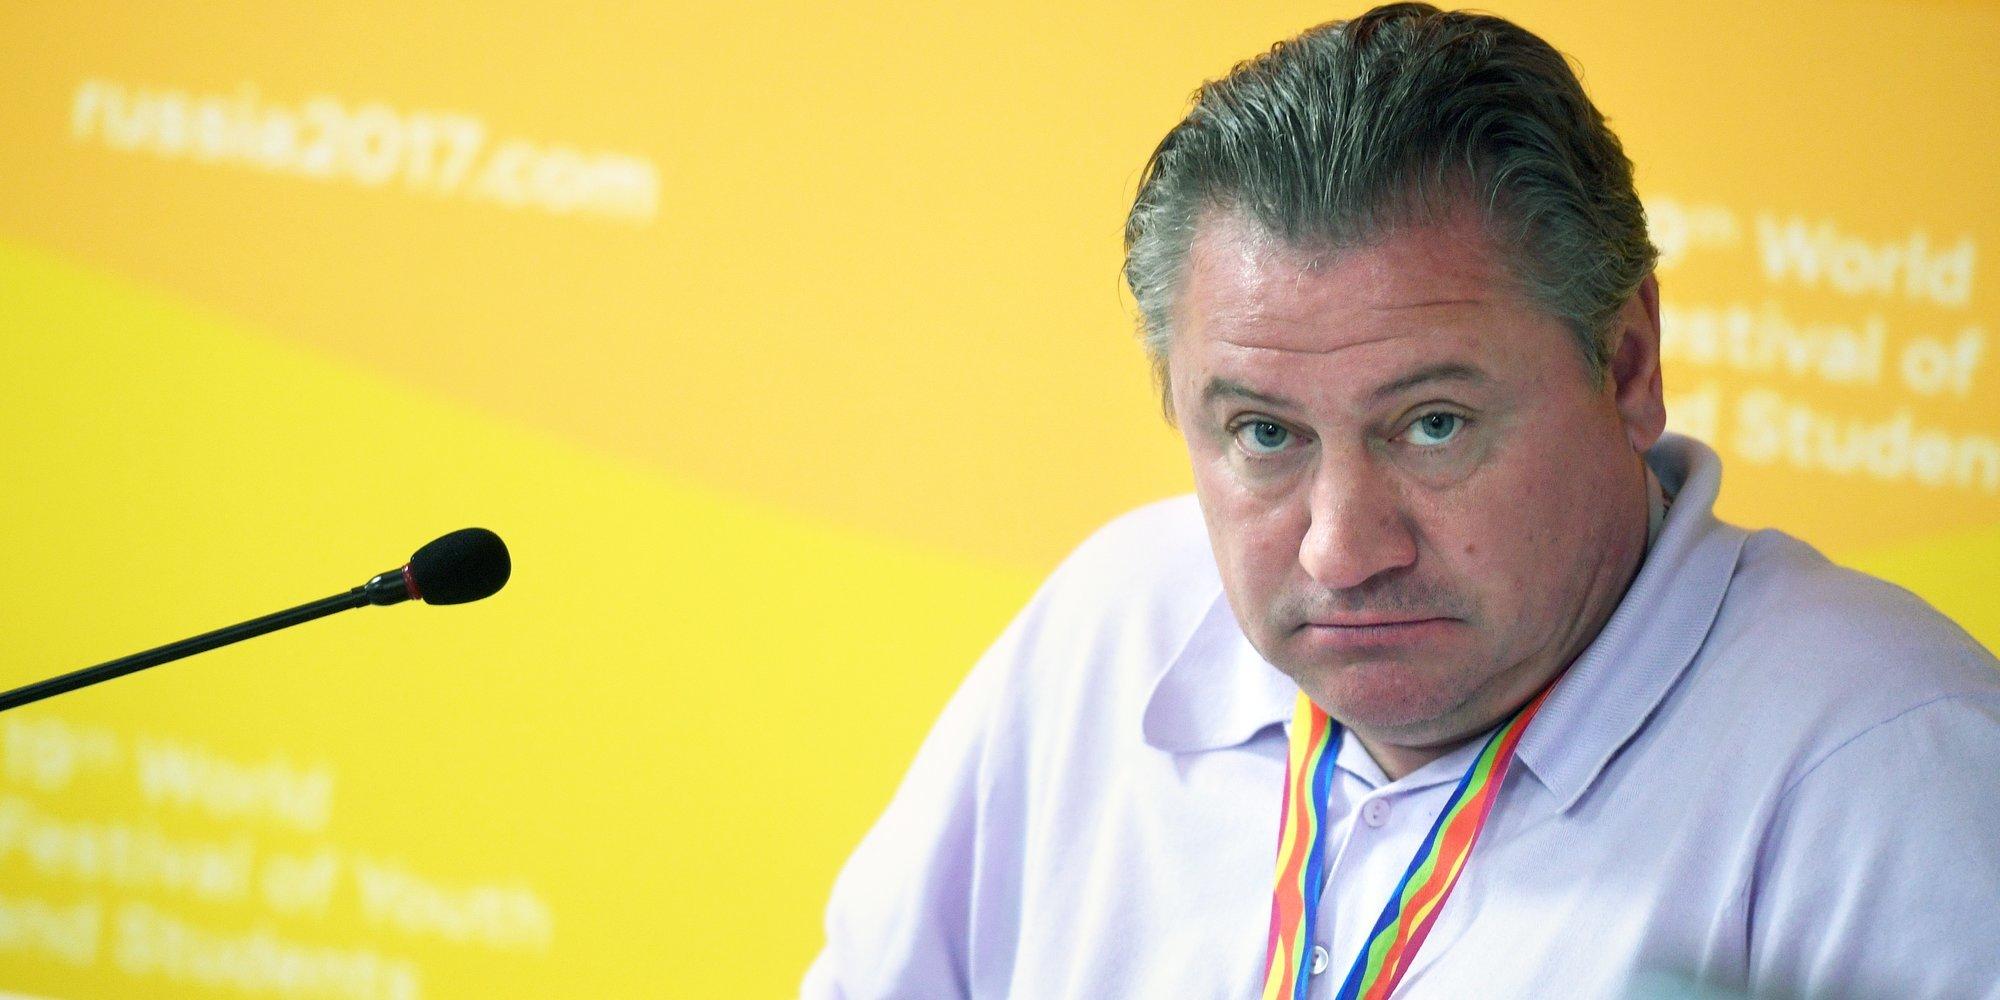 Андрей Канчельскис — о сборной России: «В дальнейшем будем требовать красивую игру, но самое главное — результат и очки»